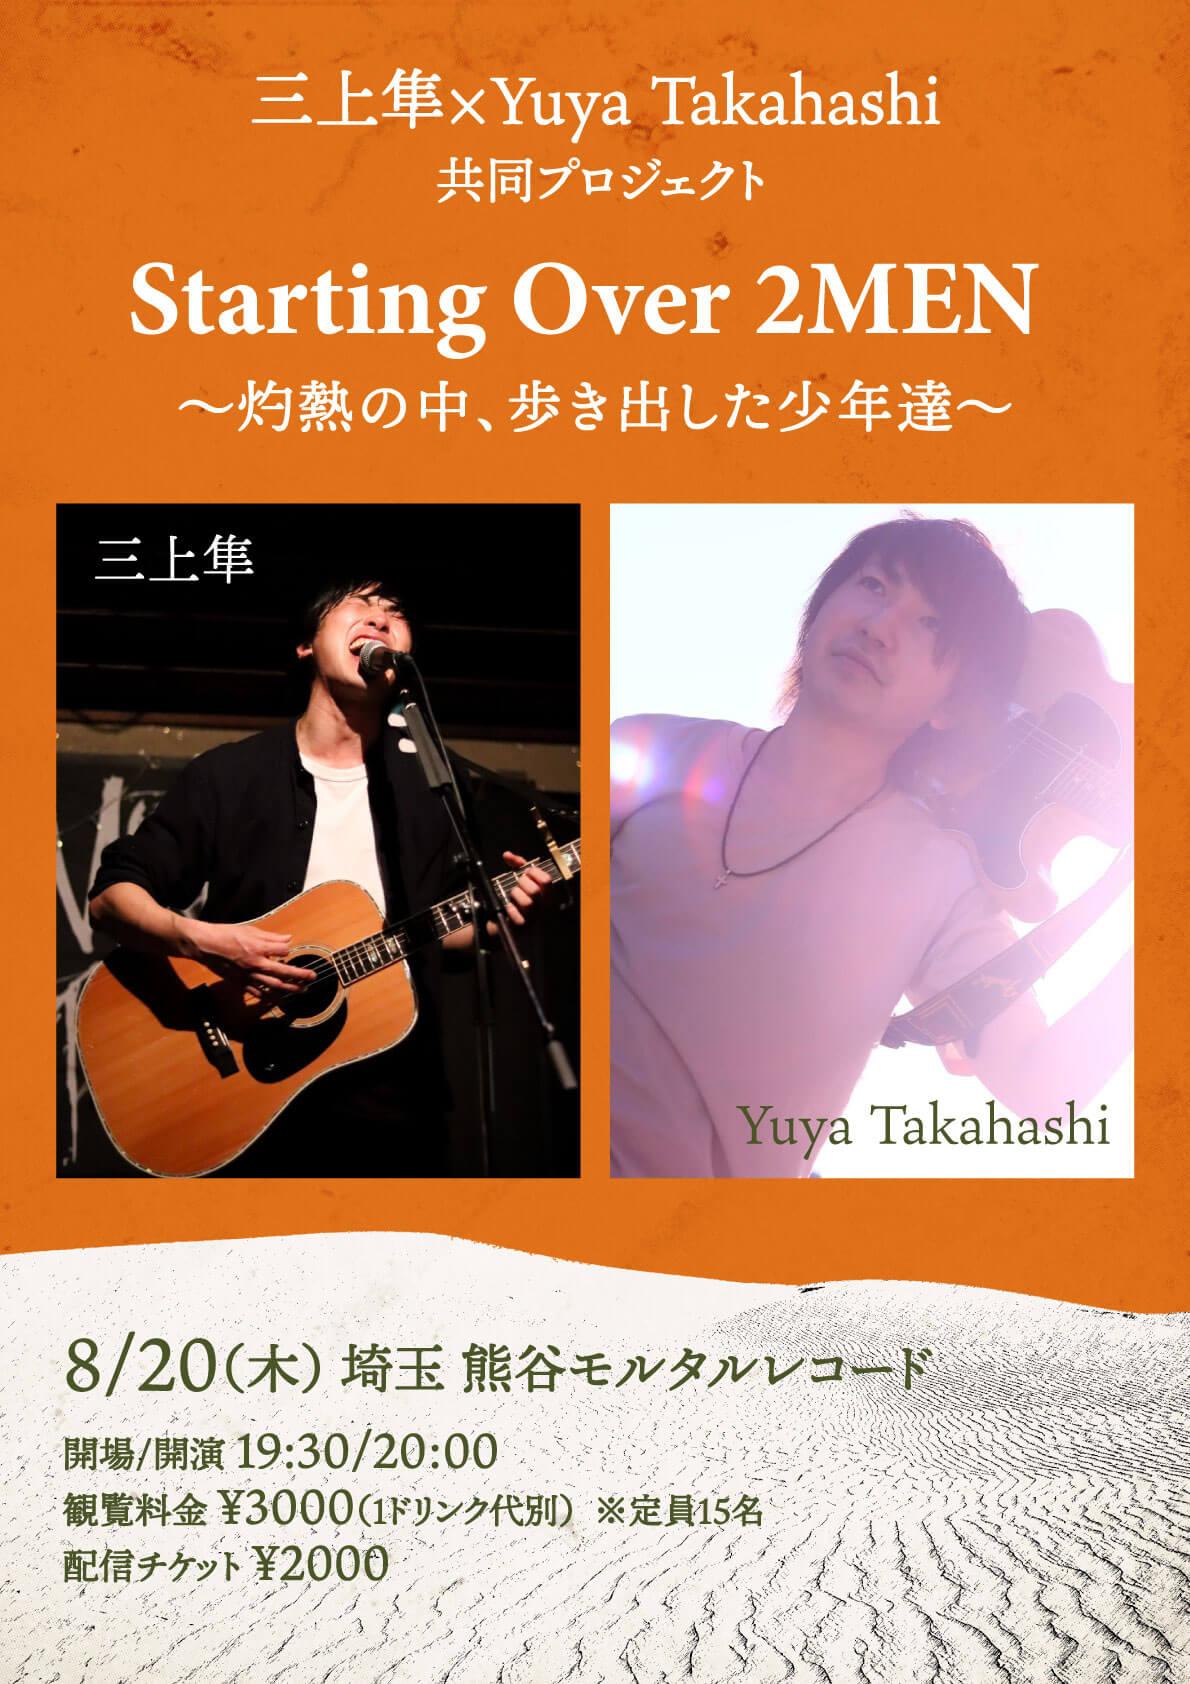 三上隼×Yuya Takahashi 共同プロジェクト  Starting Over 2MEN 〜灼熱の中、歩き出した少年達〜